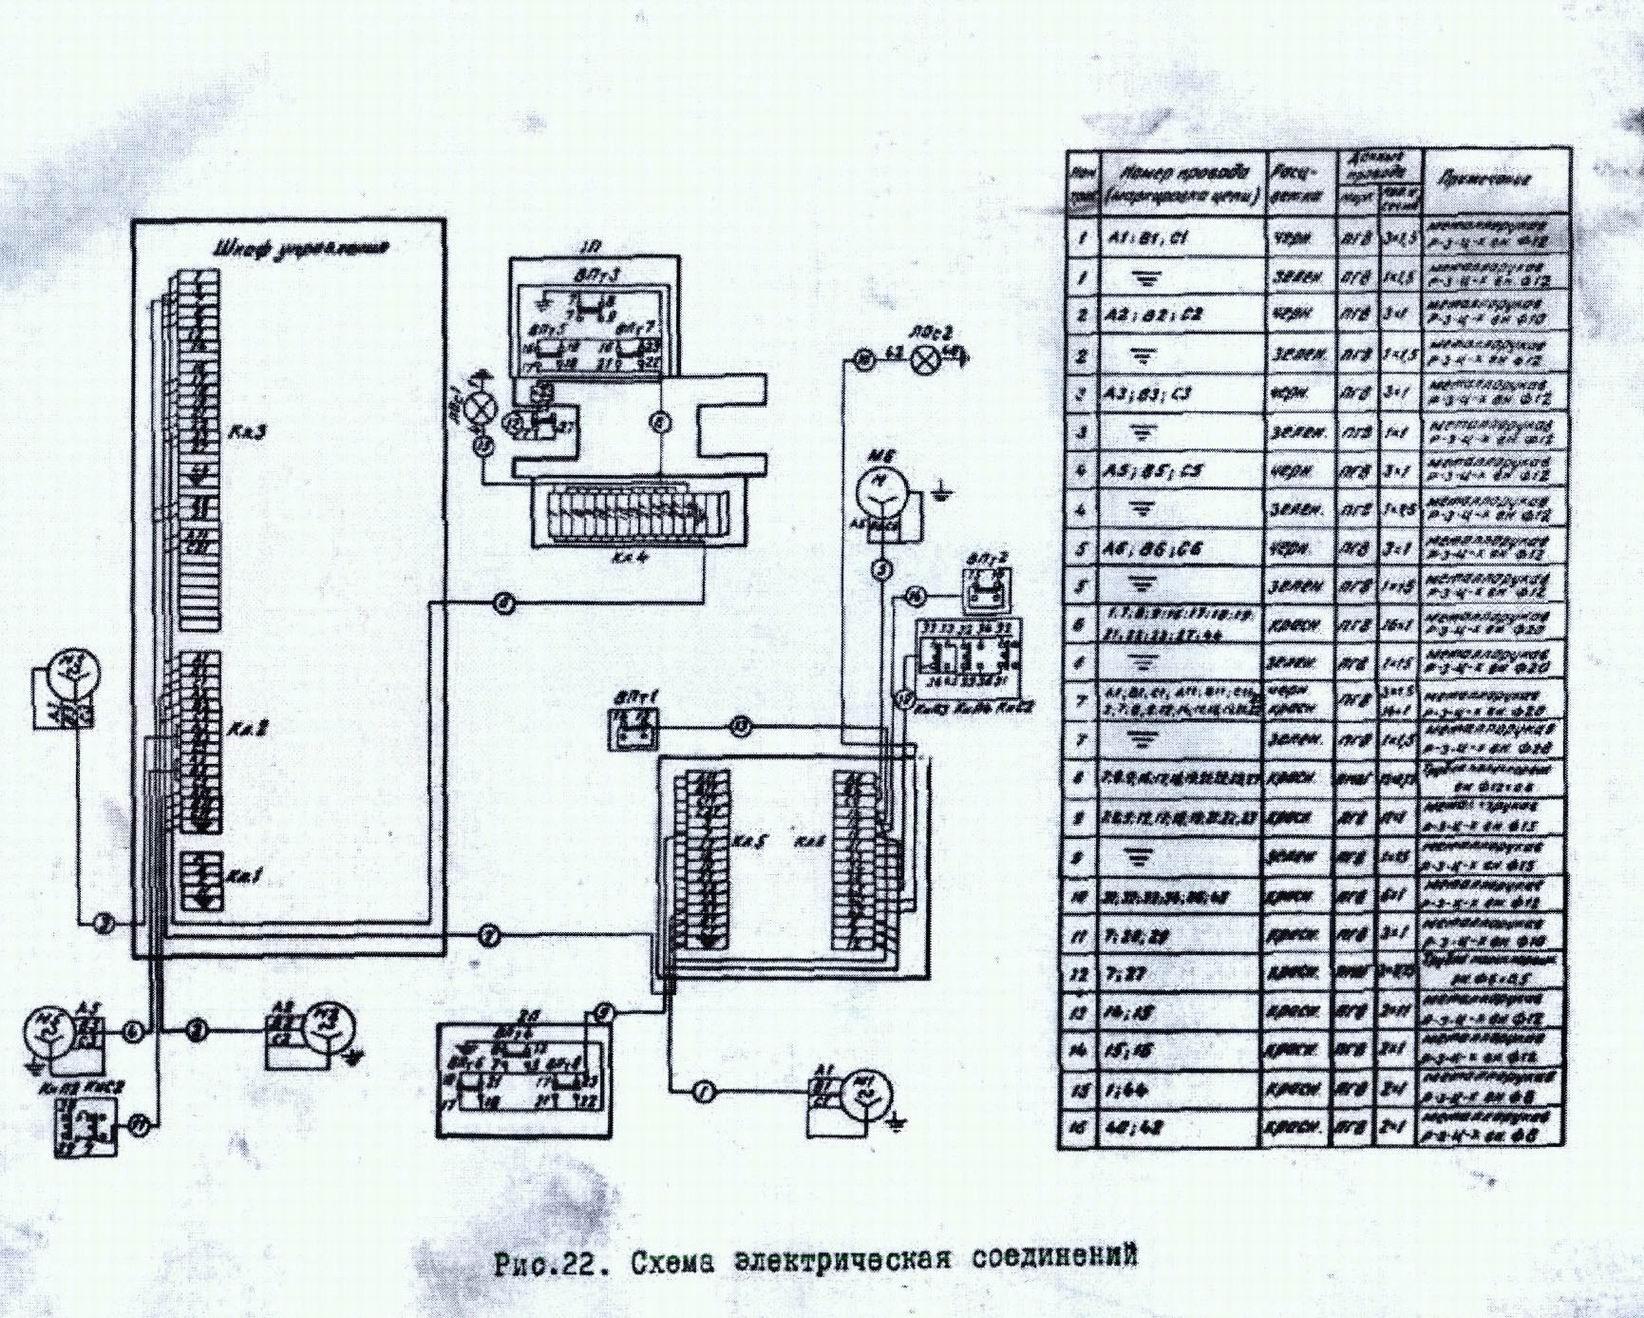 электрическая схема фрезерного станка